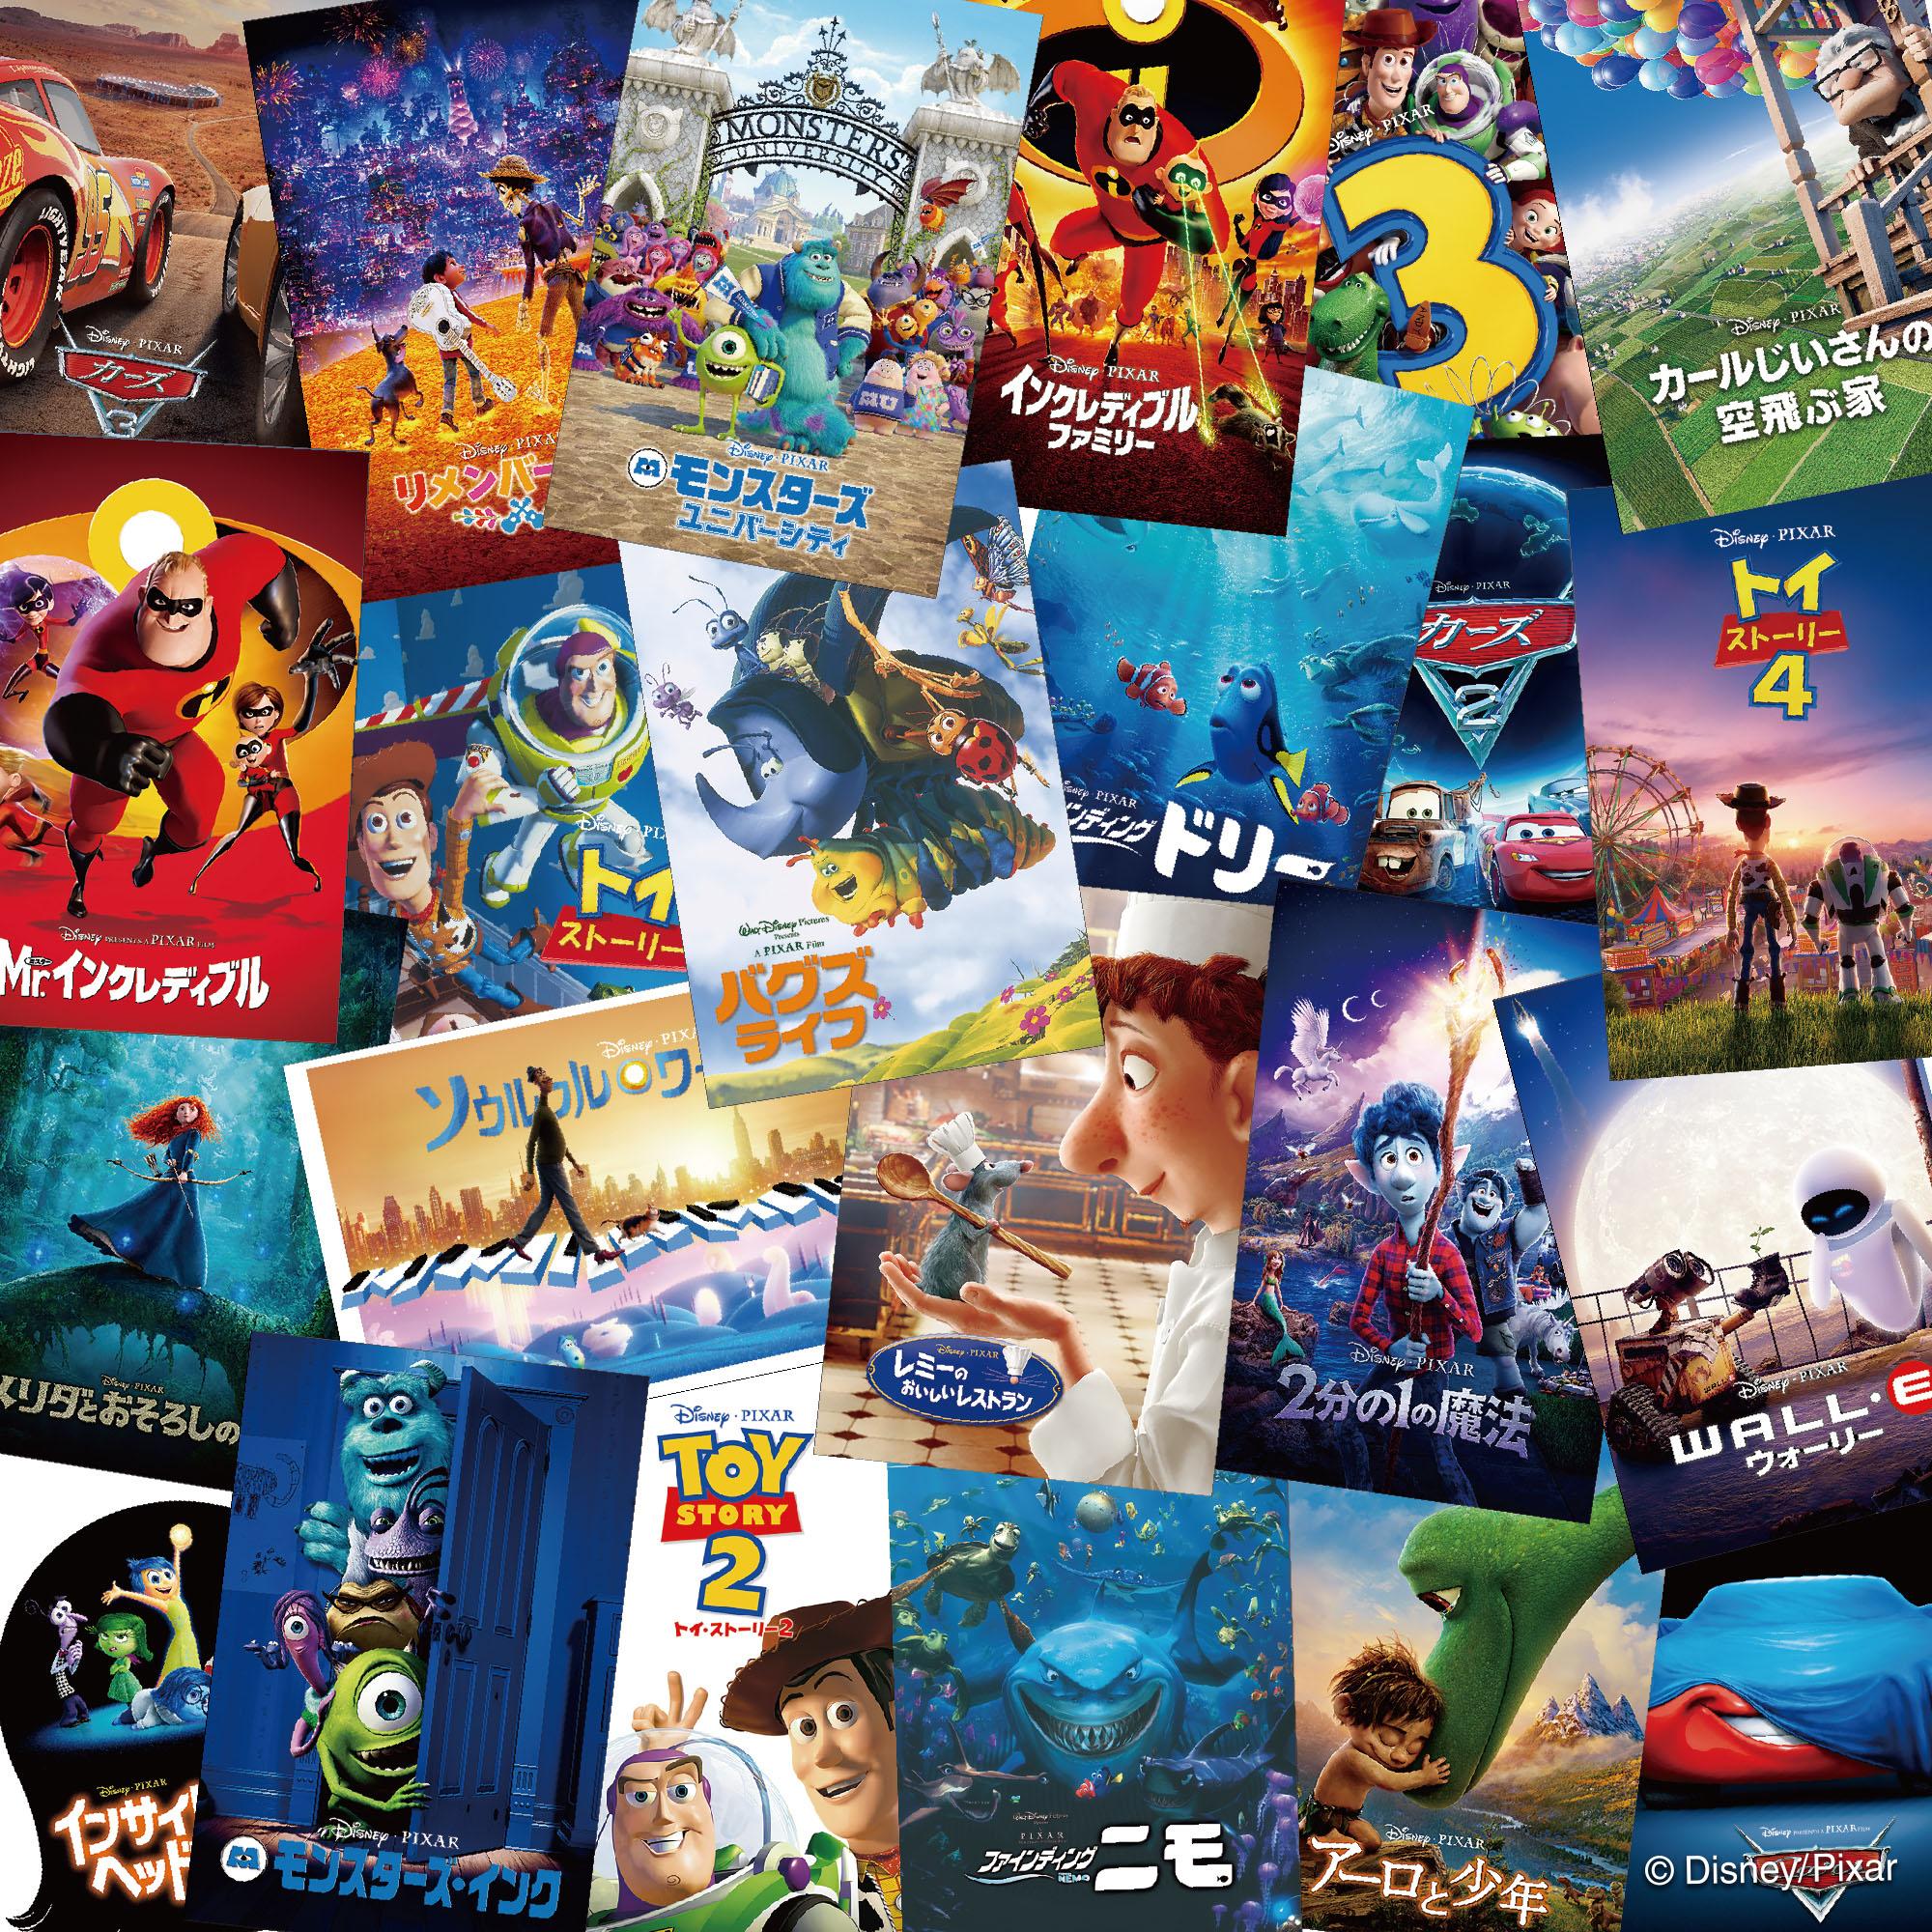 %e3%83%94%e3%82%af%e3%82%b5%e3%83%bc%e5%b1%95%e3%80%8epixar-pixar-pixar-15